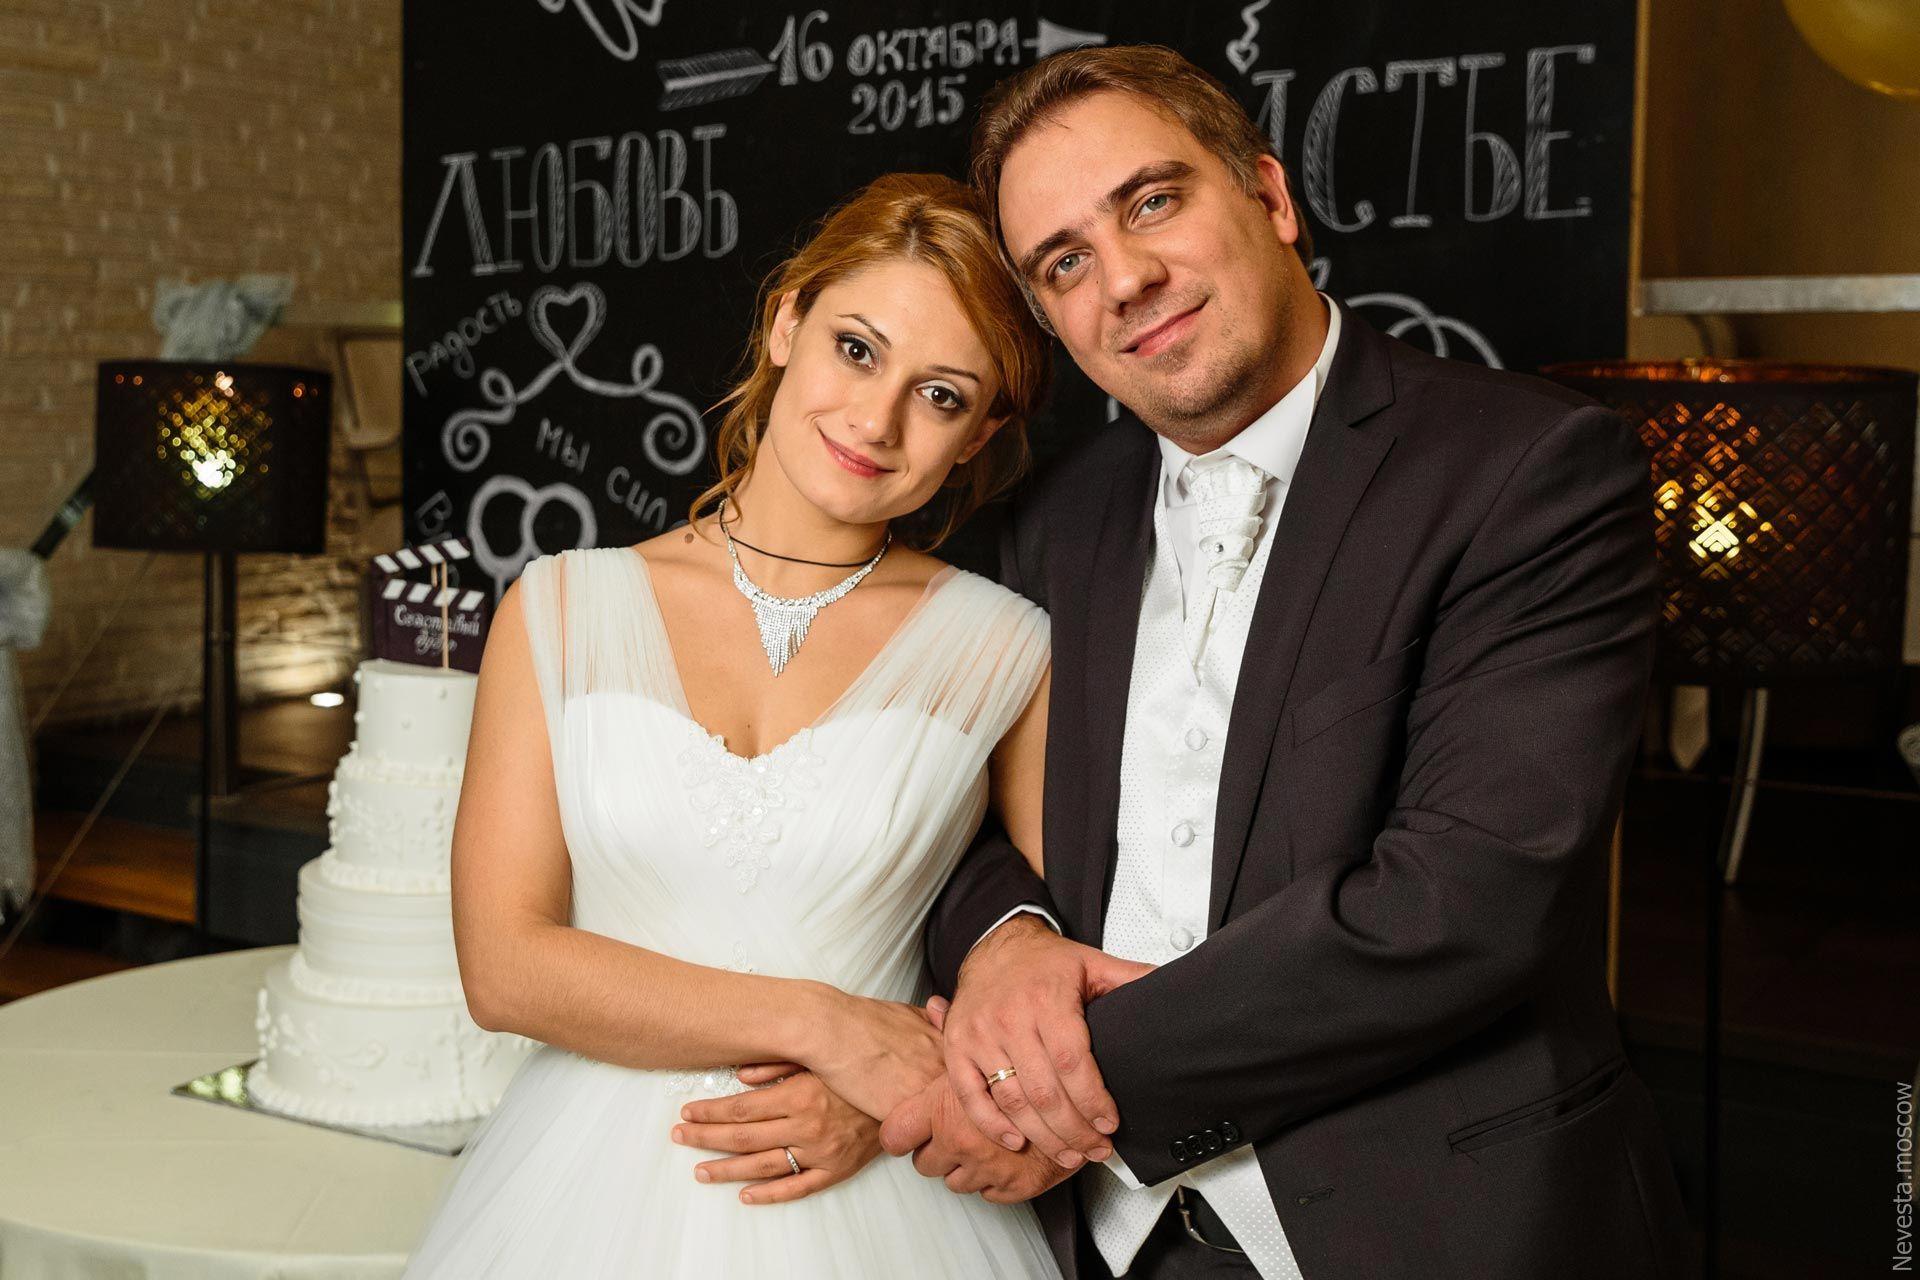 Свадьба Карины Мишулиной и Ивана Коробова, фото 10